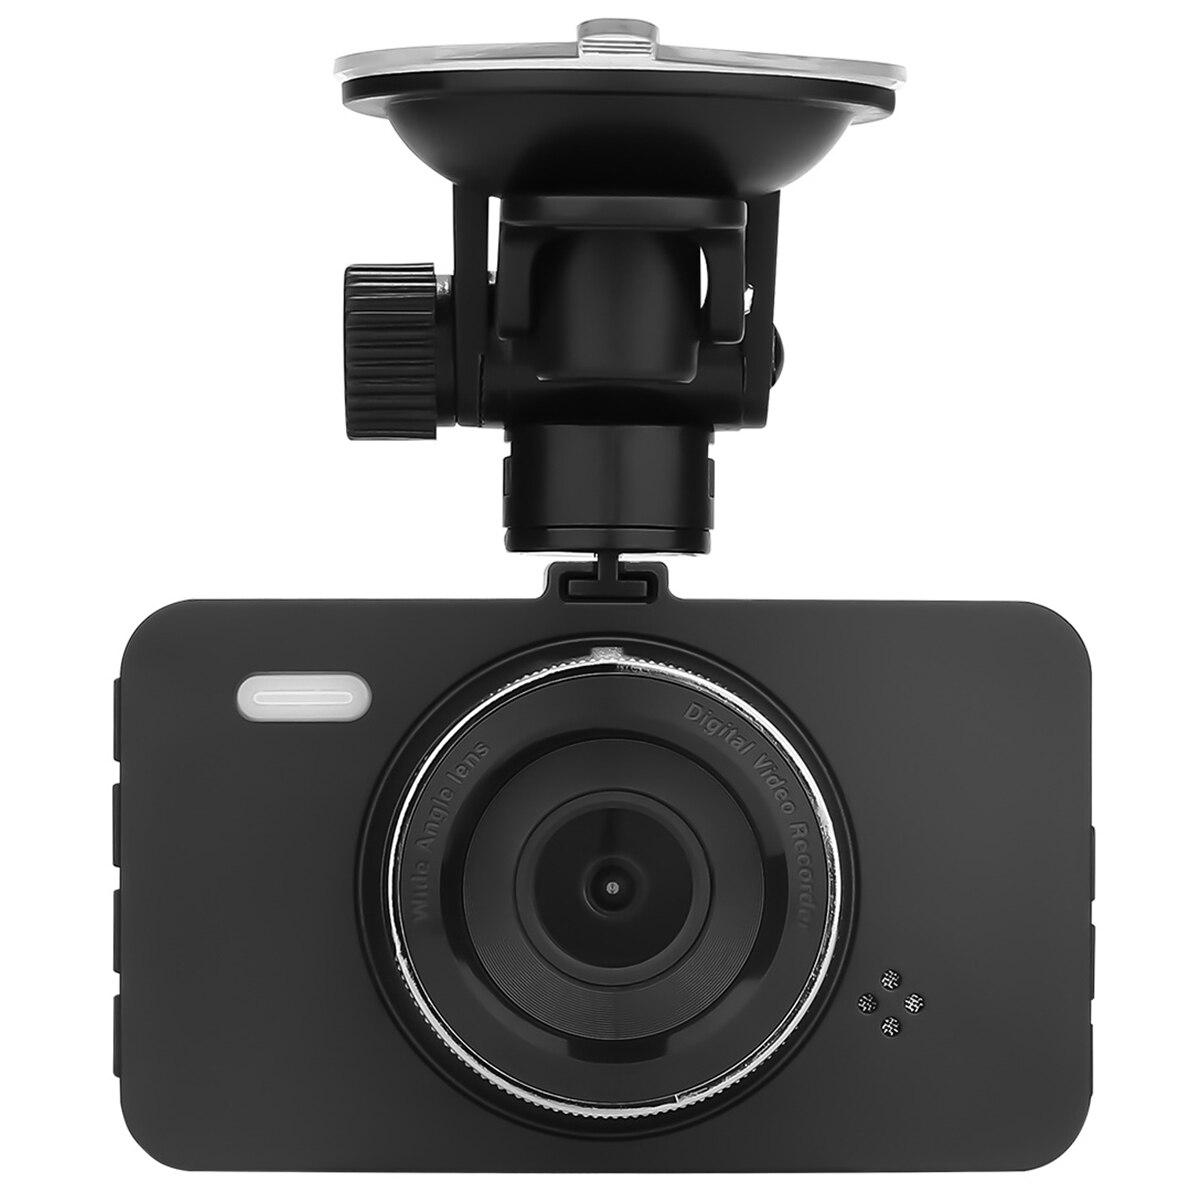 Herzhaft In Auto Dash Cam Mini 1080 P Fhd Dvr Kamera Video Recorder Für Autos 170 Grad Weitwinkel Wdr 3 Zoll Lcd-bildschirm Mit Motion Dete Sport & Action-videokamera